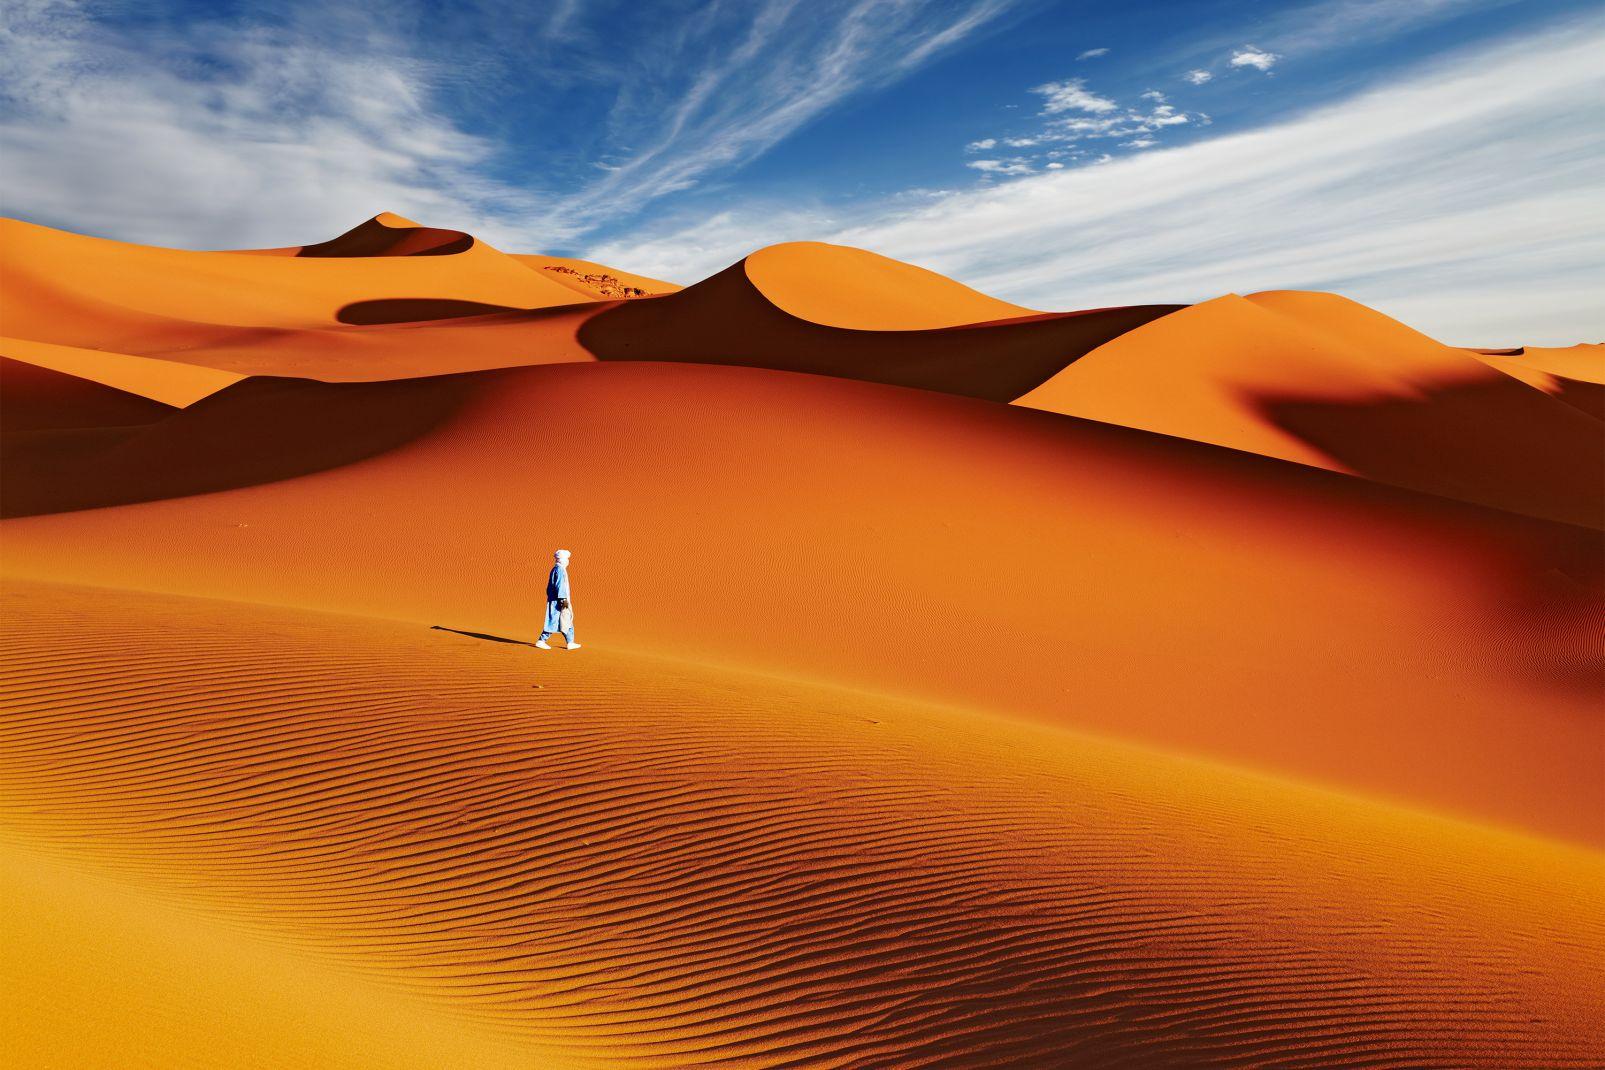 Afrique, Algérie, Sahara, Dune, Roche, Sable